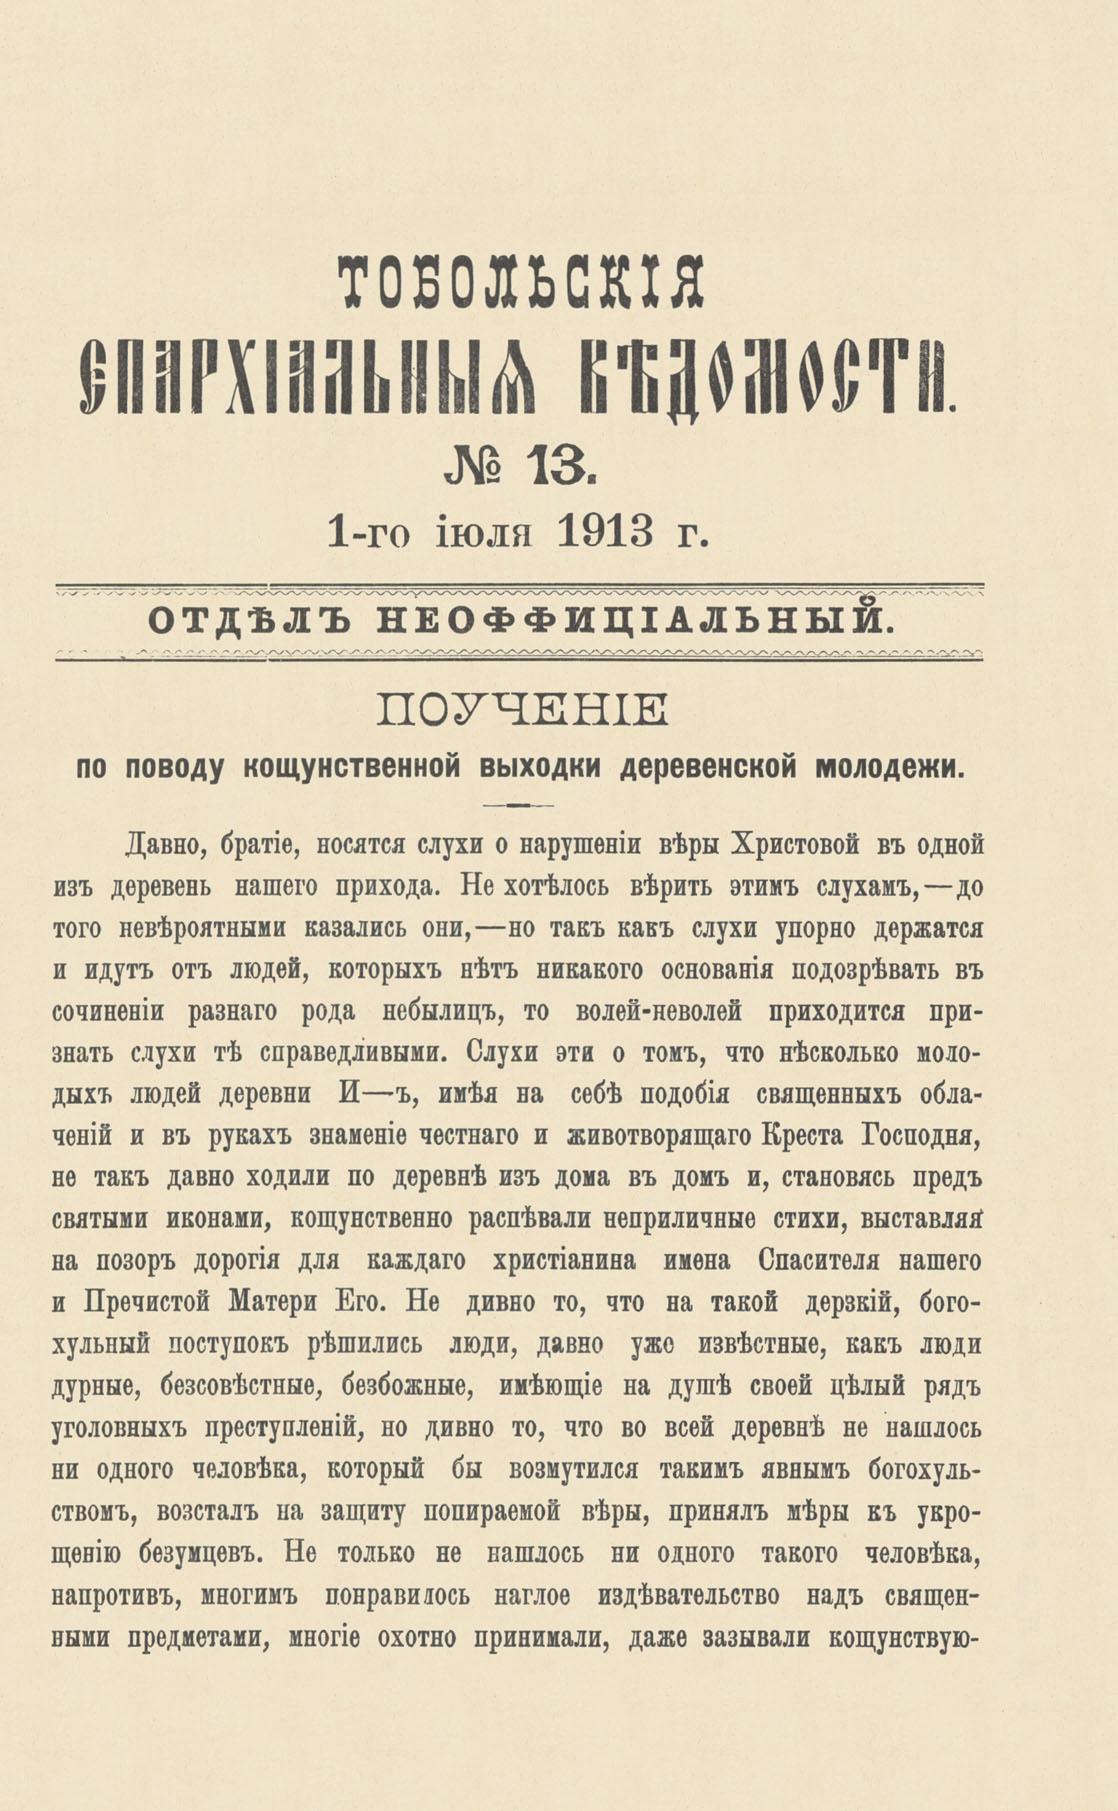 епархиальные ведомости_номер 1мо от вященника тихомирова_659 659